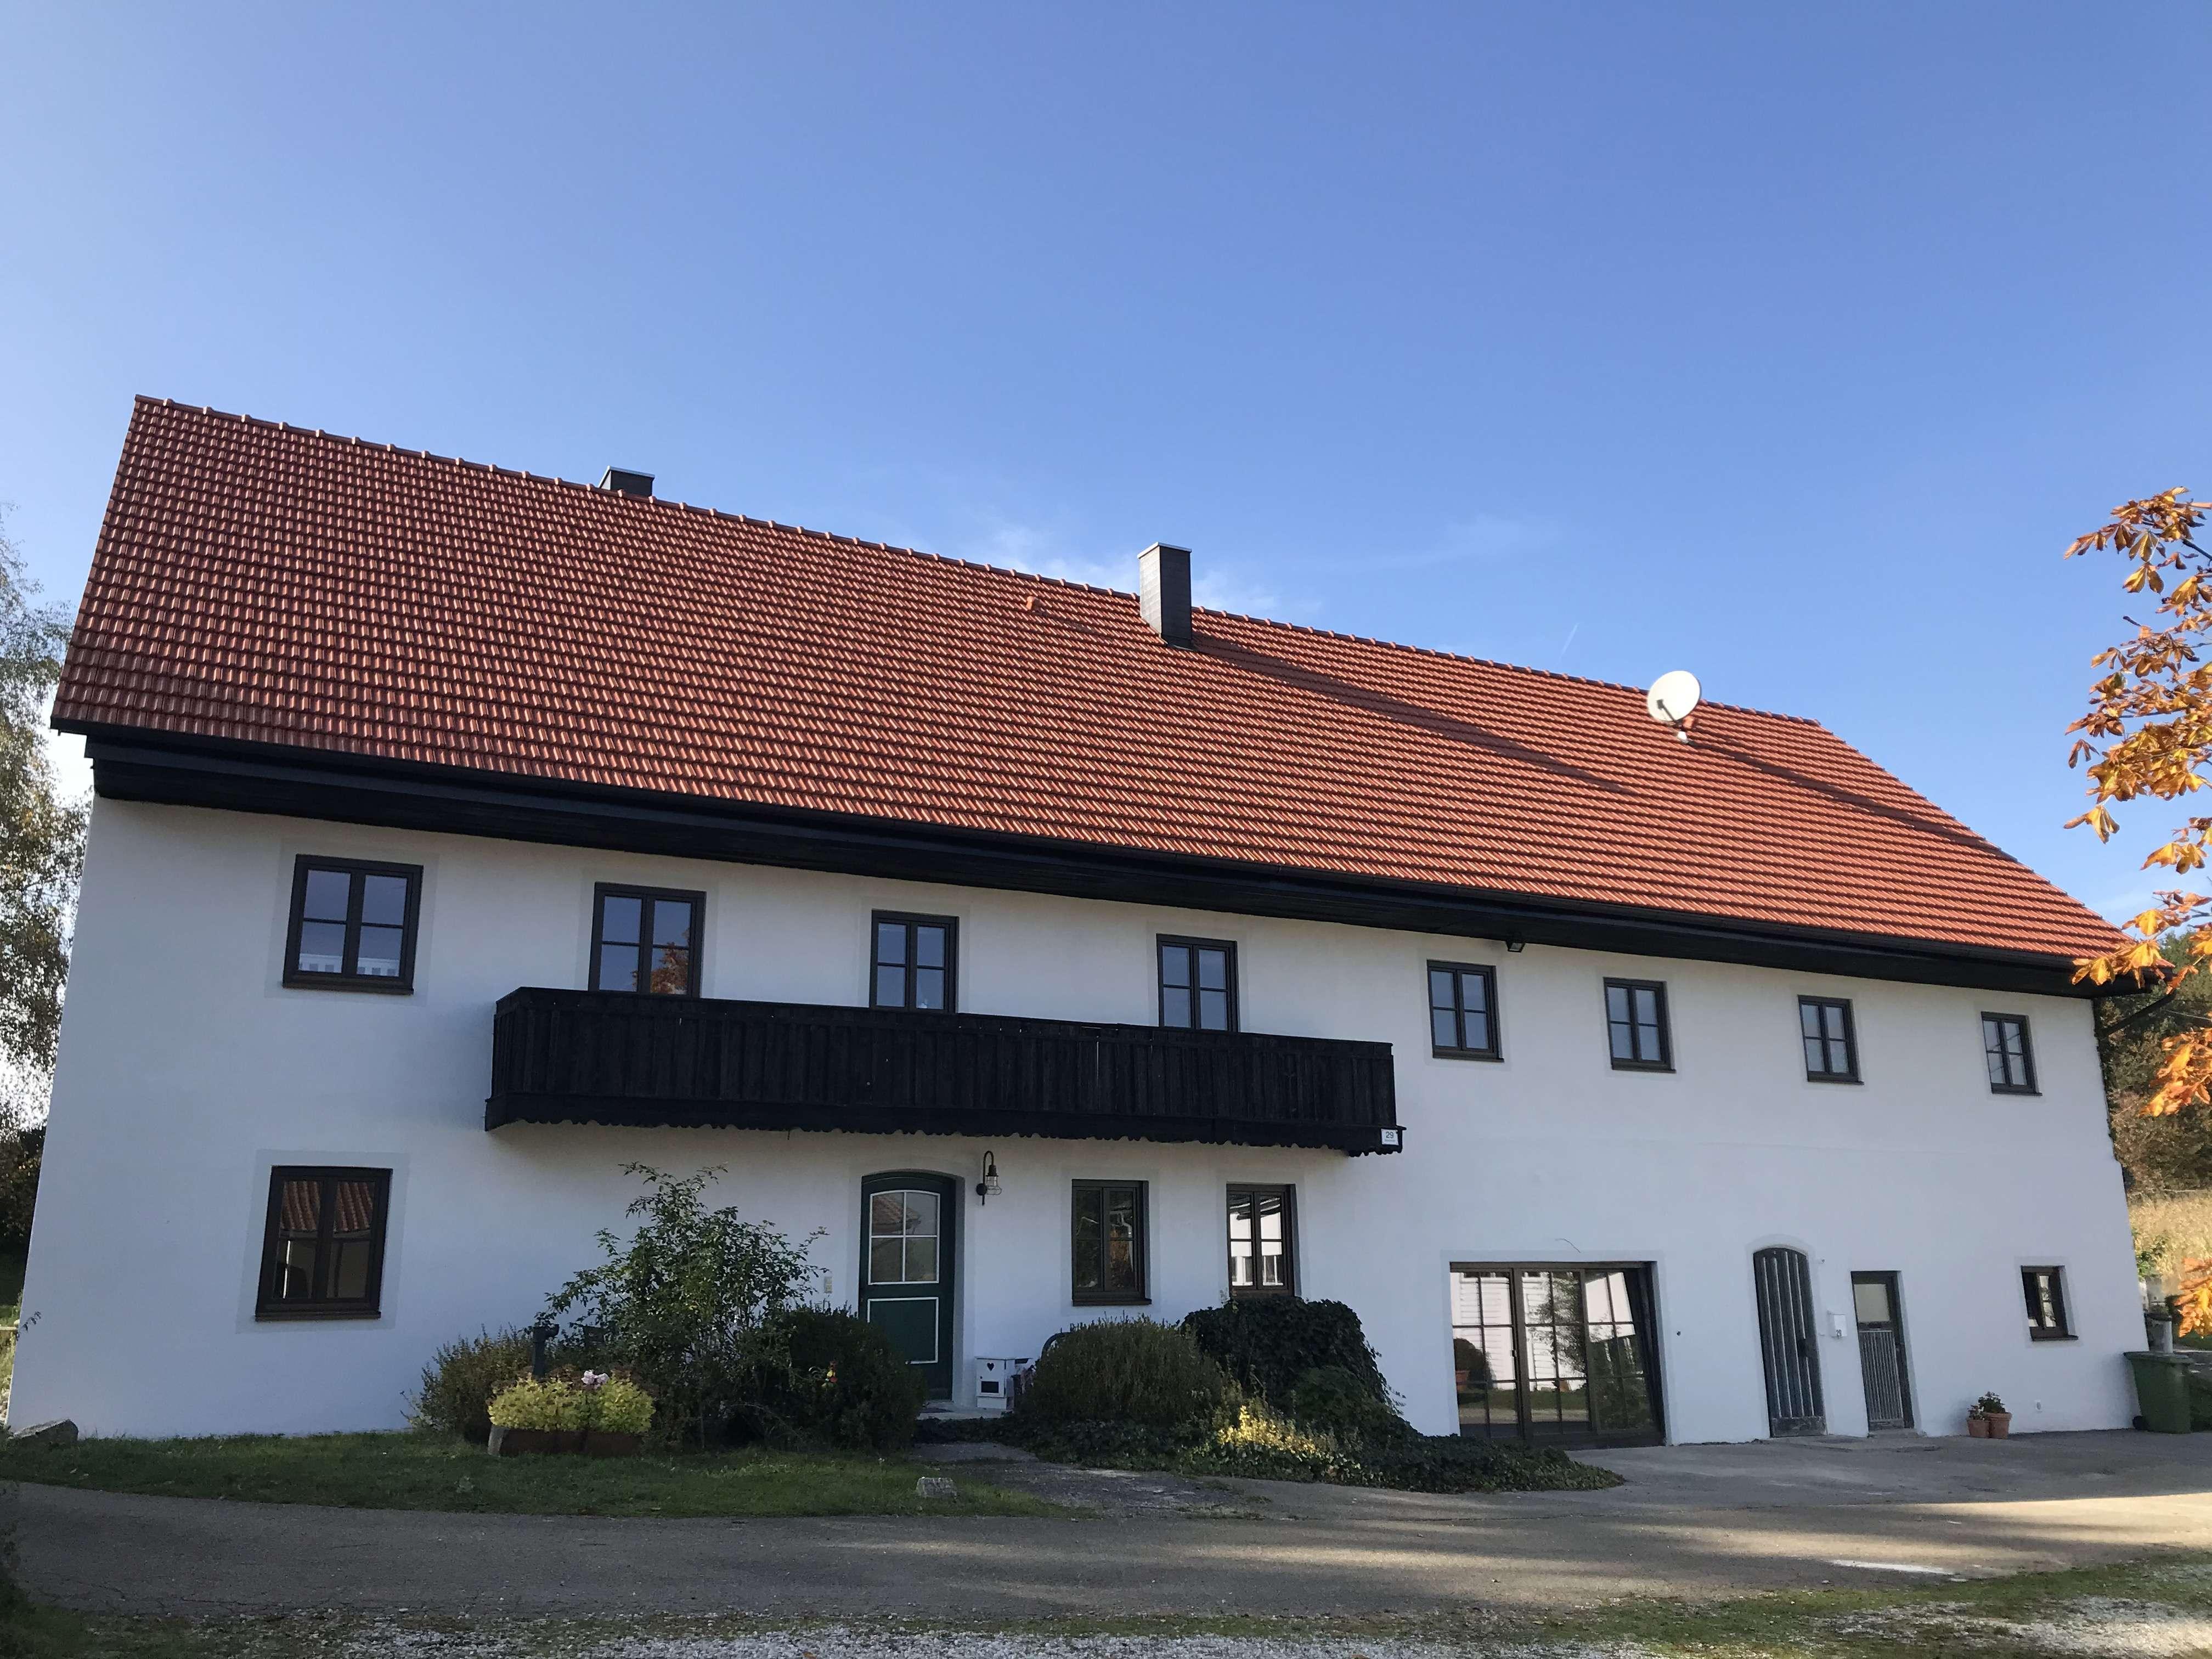 idyllisches Wohnen - 4 Zimmer Wohnung in gepflegten Bauernhaus, Liebhaberobjekt in Rottenburg an der Laaber